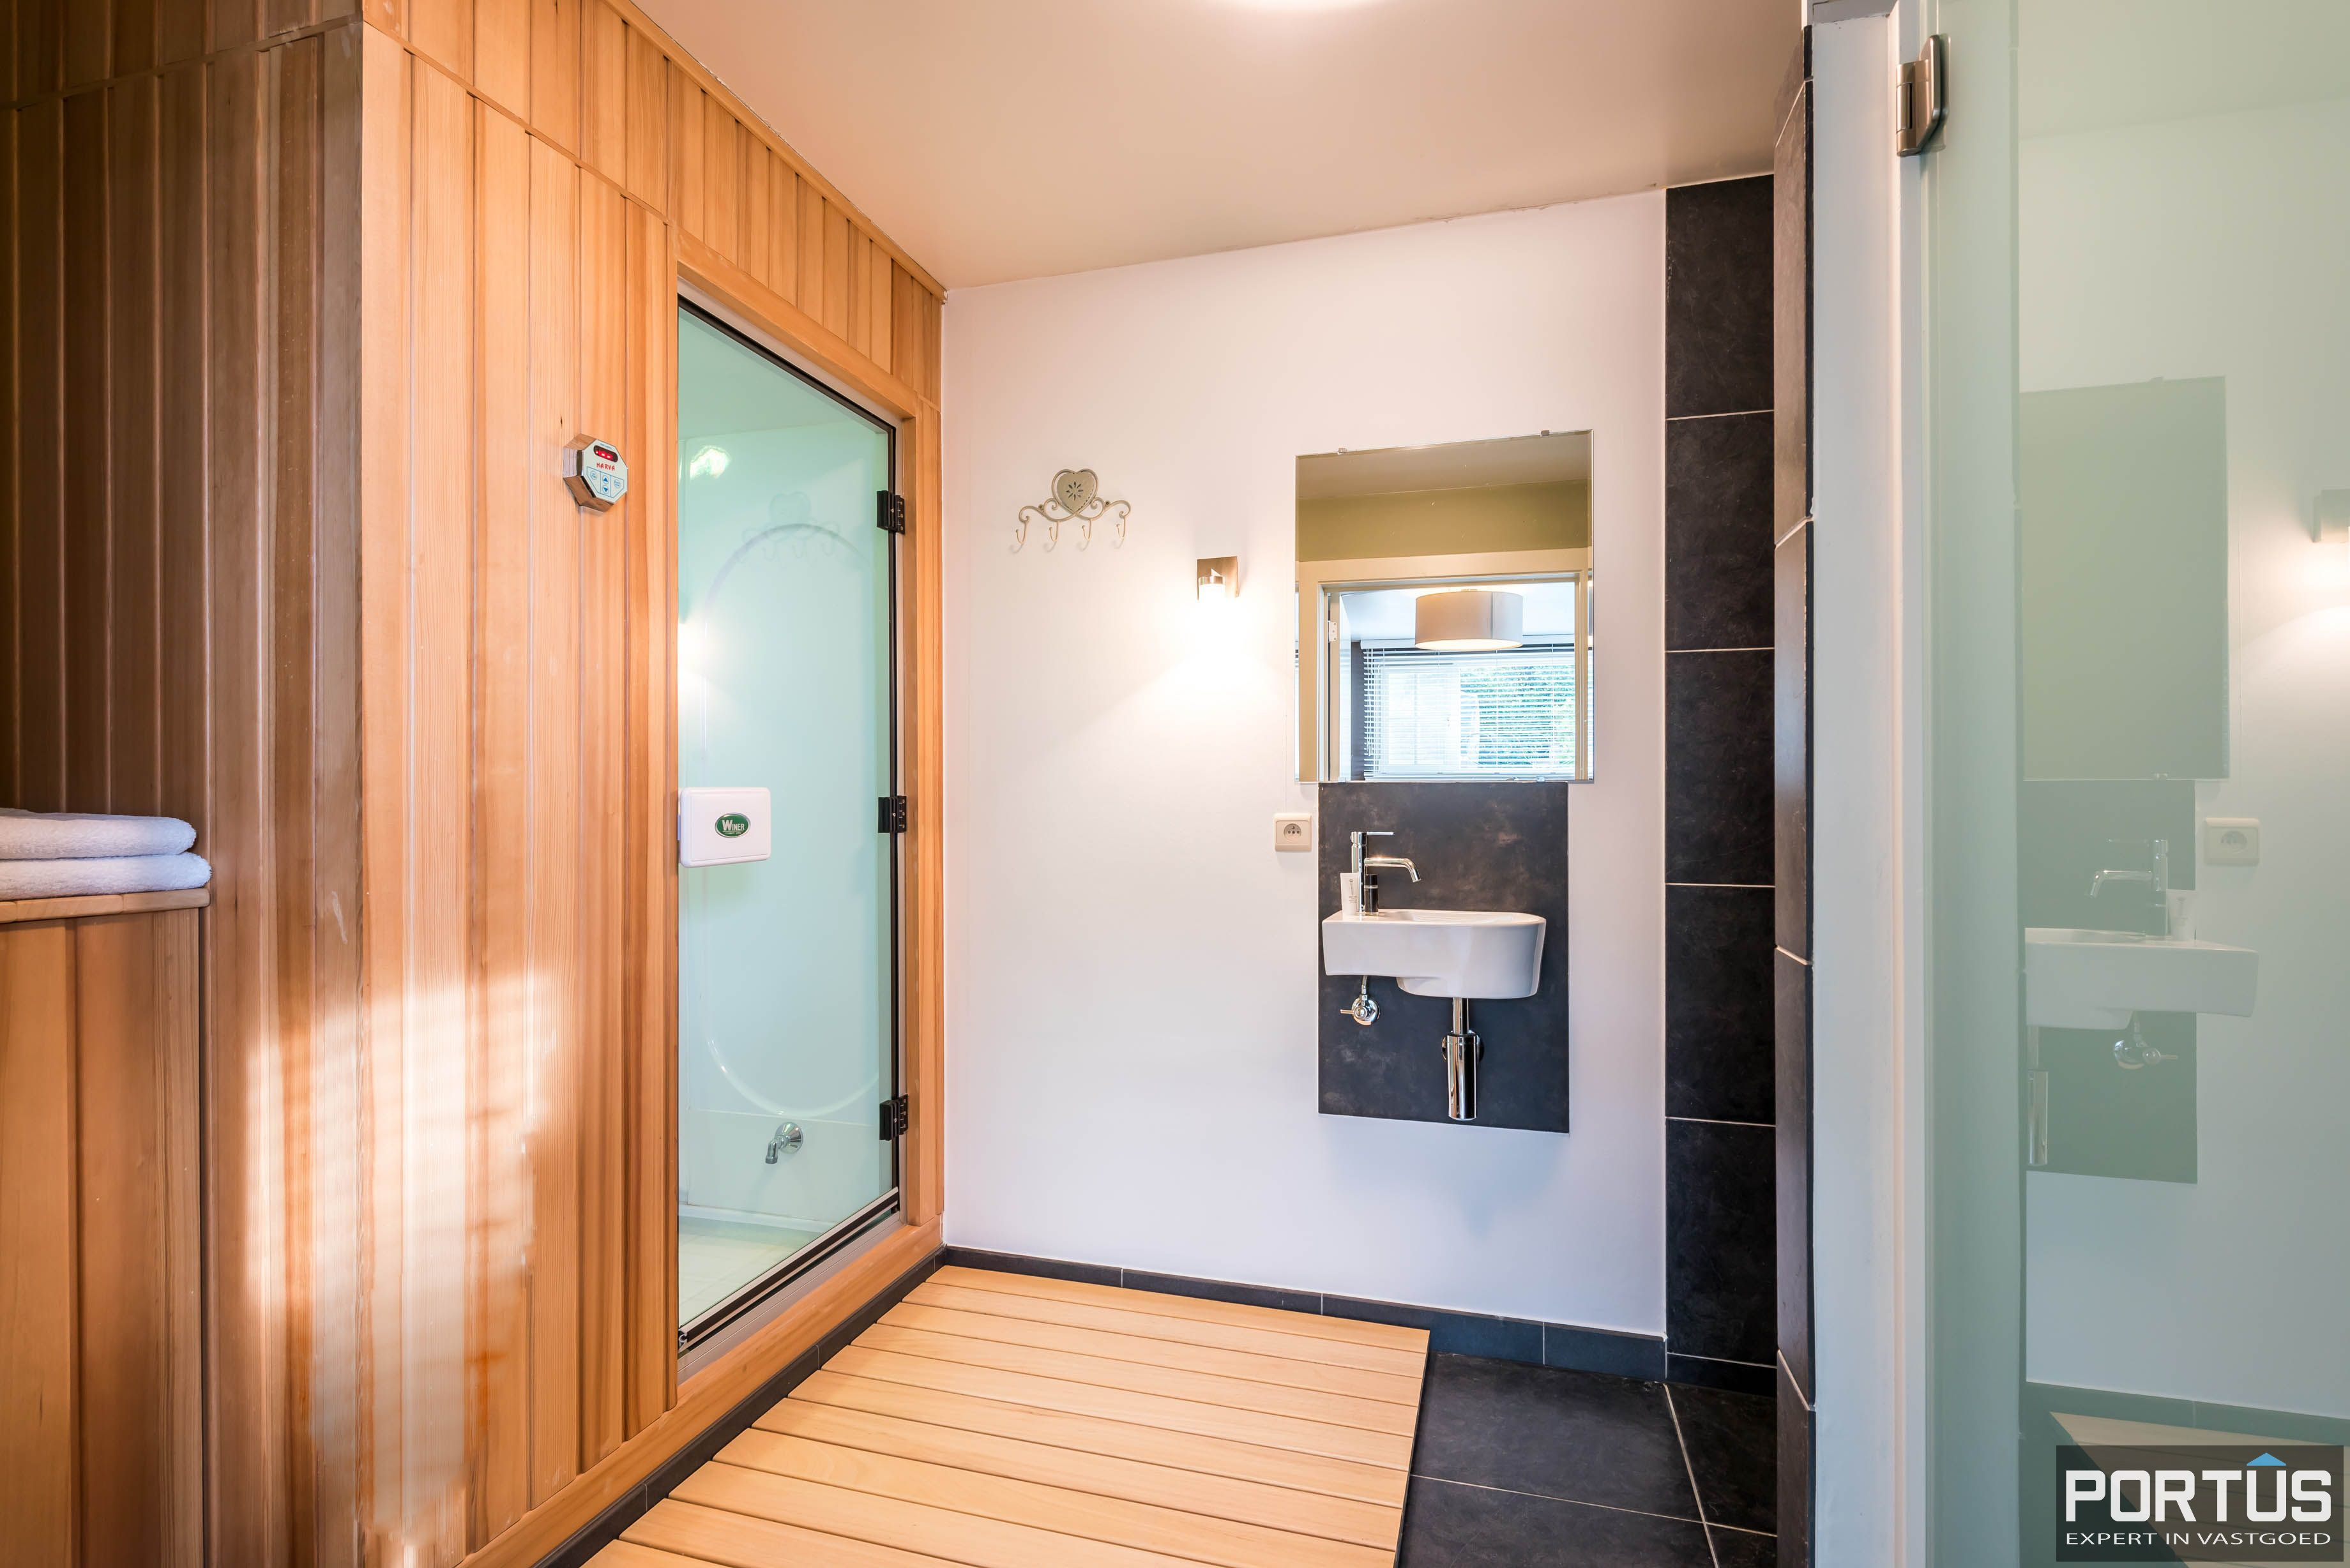 Villa/B&B te koop Westende met 6 slaapkamers - 5463